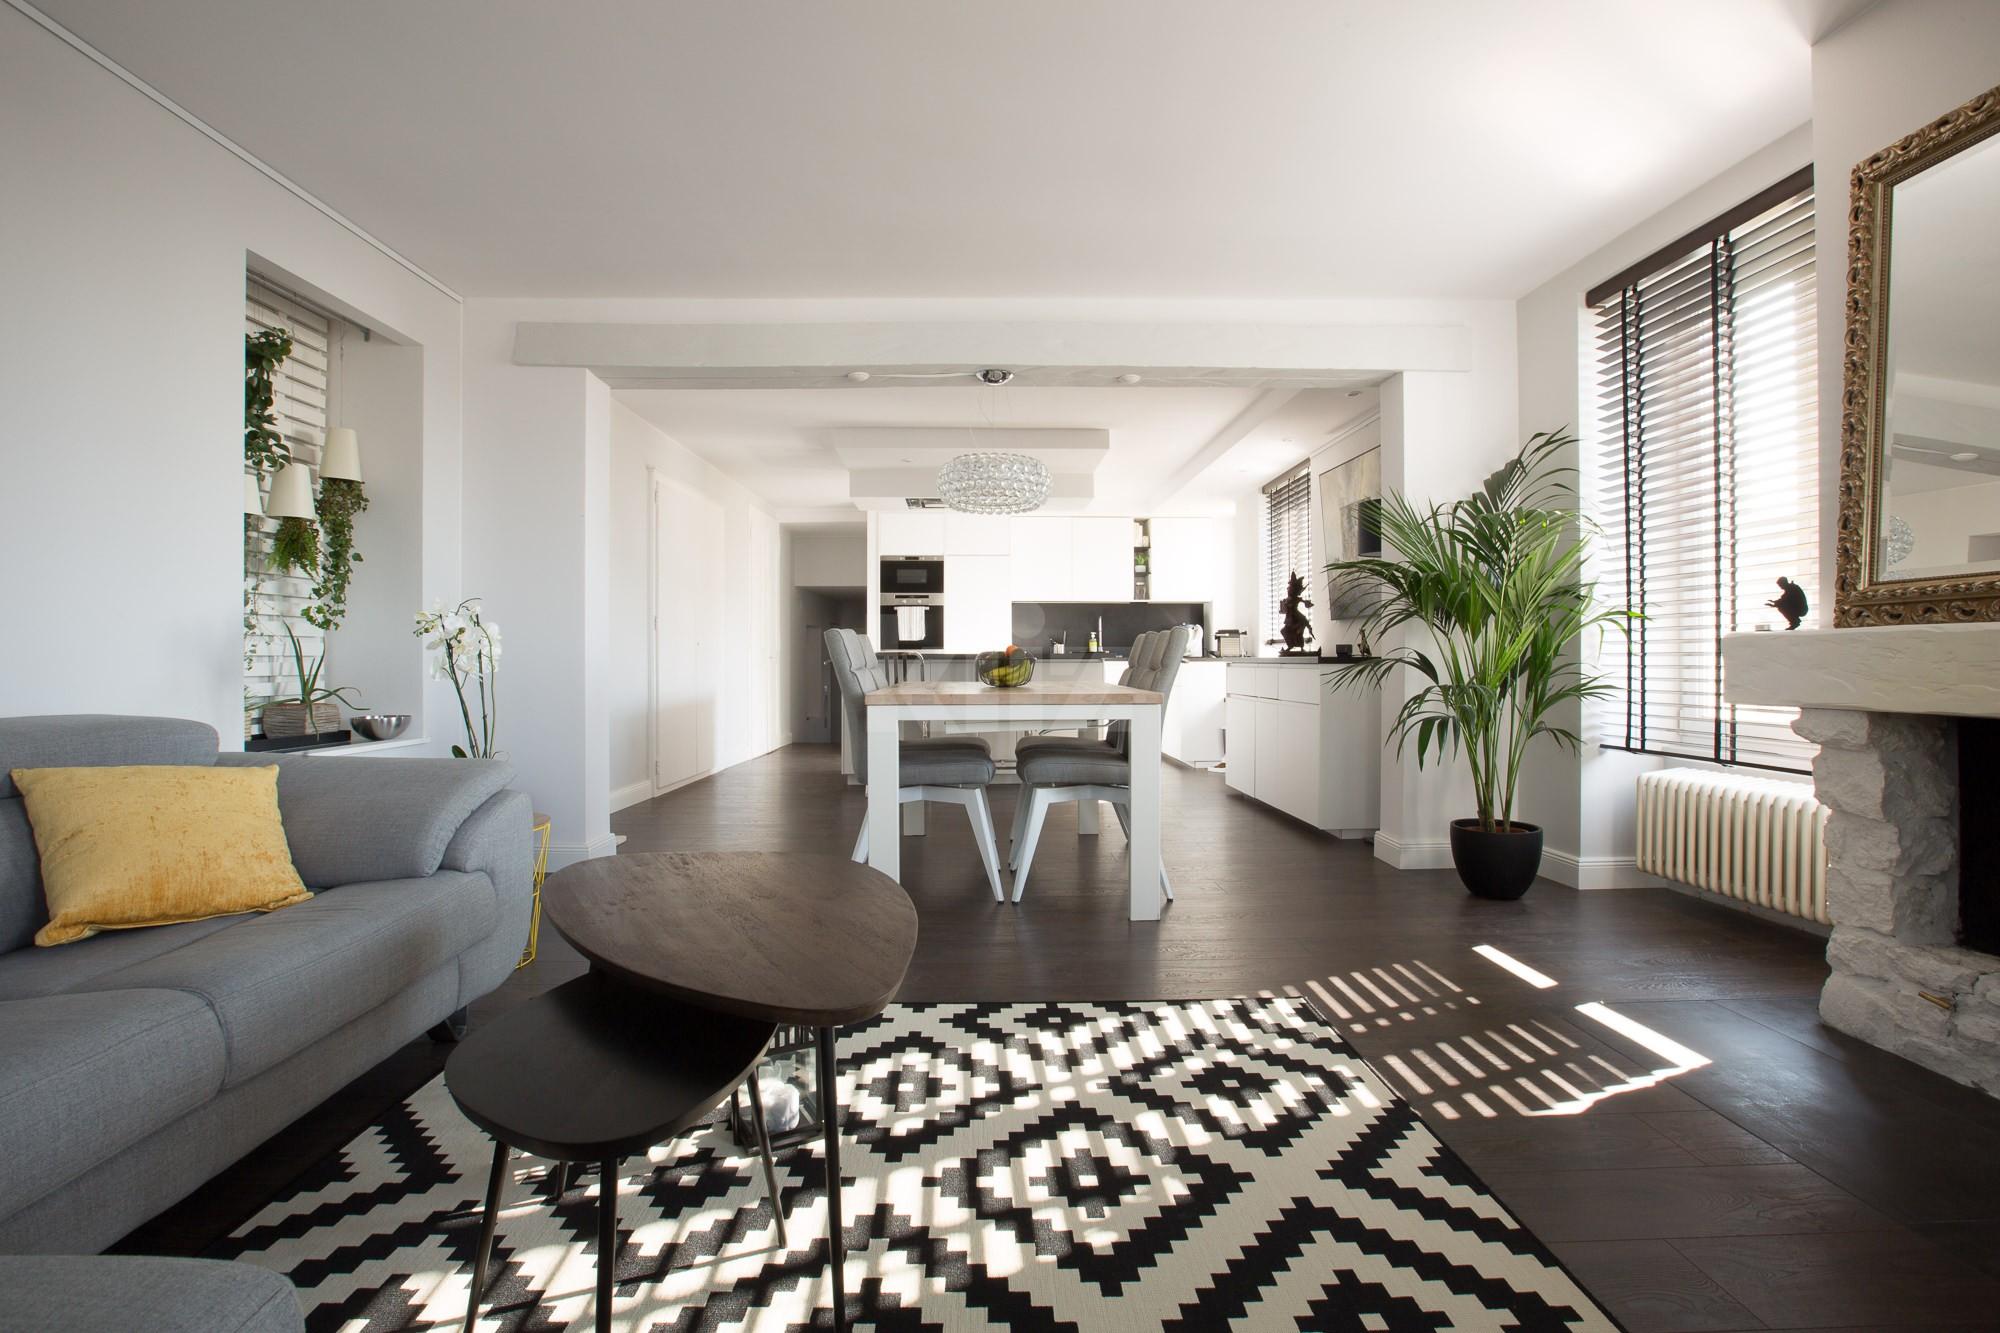 VENDU! Splendide appartement entièrement rénové avec goût - 2